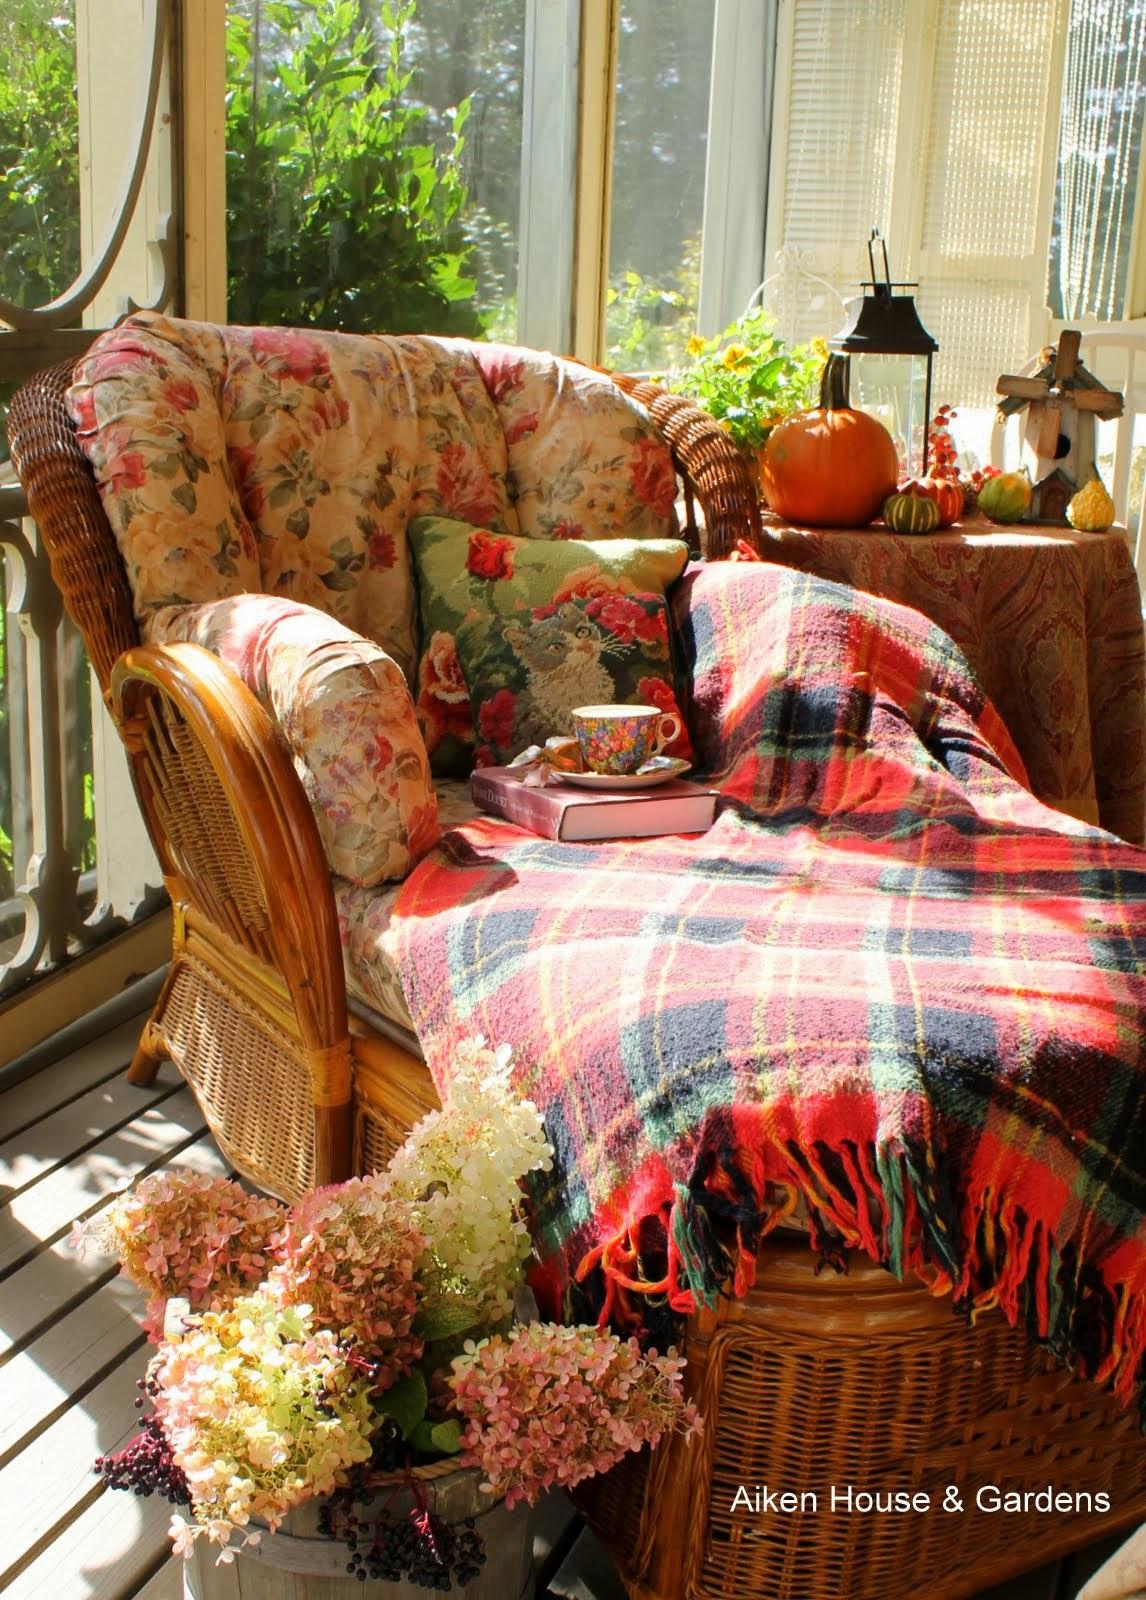 Aiken house gardens a cosy autumn tea for Aiken house